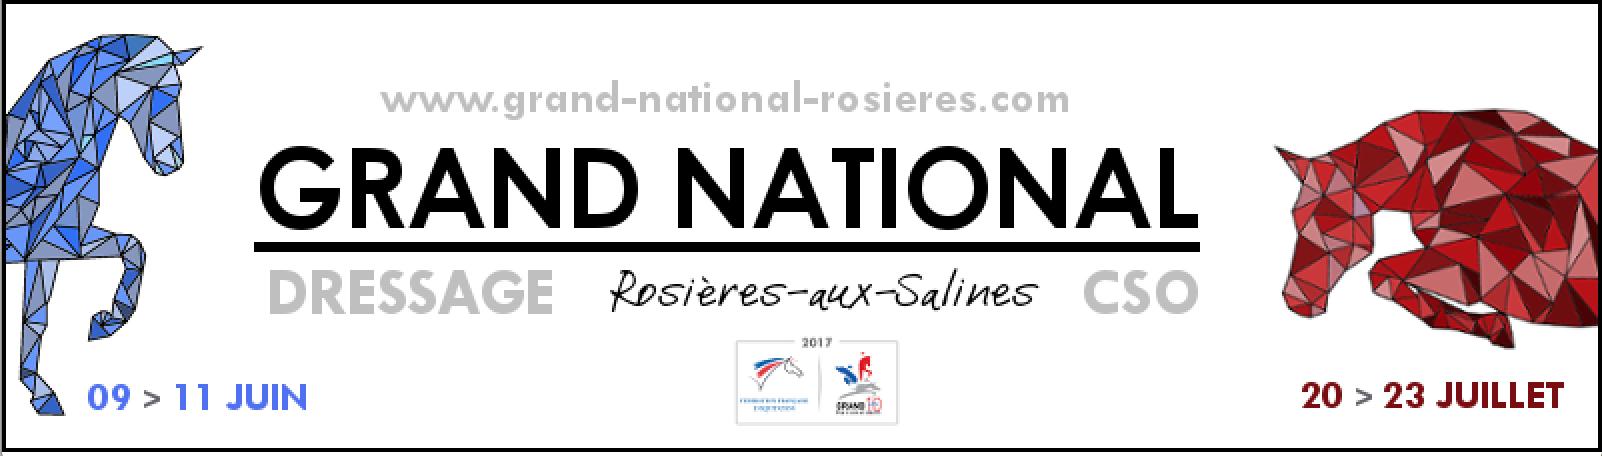 Grand National de Dressage de Rosières-aux-Salines